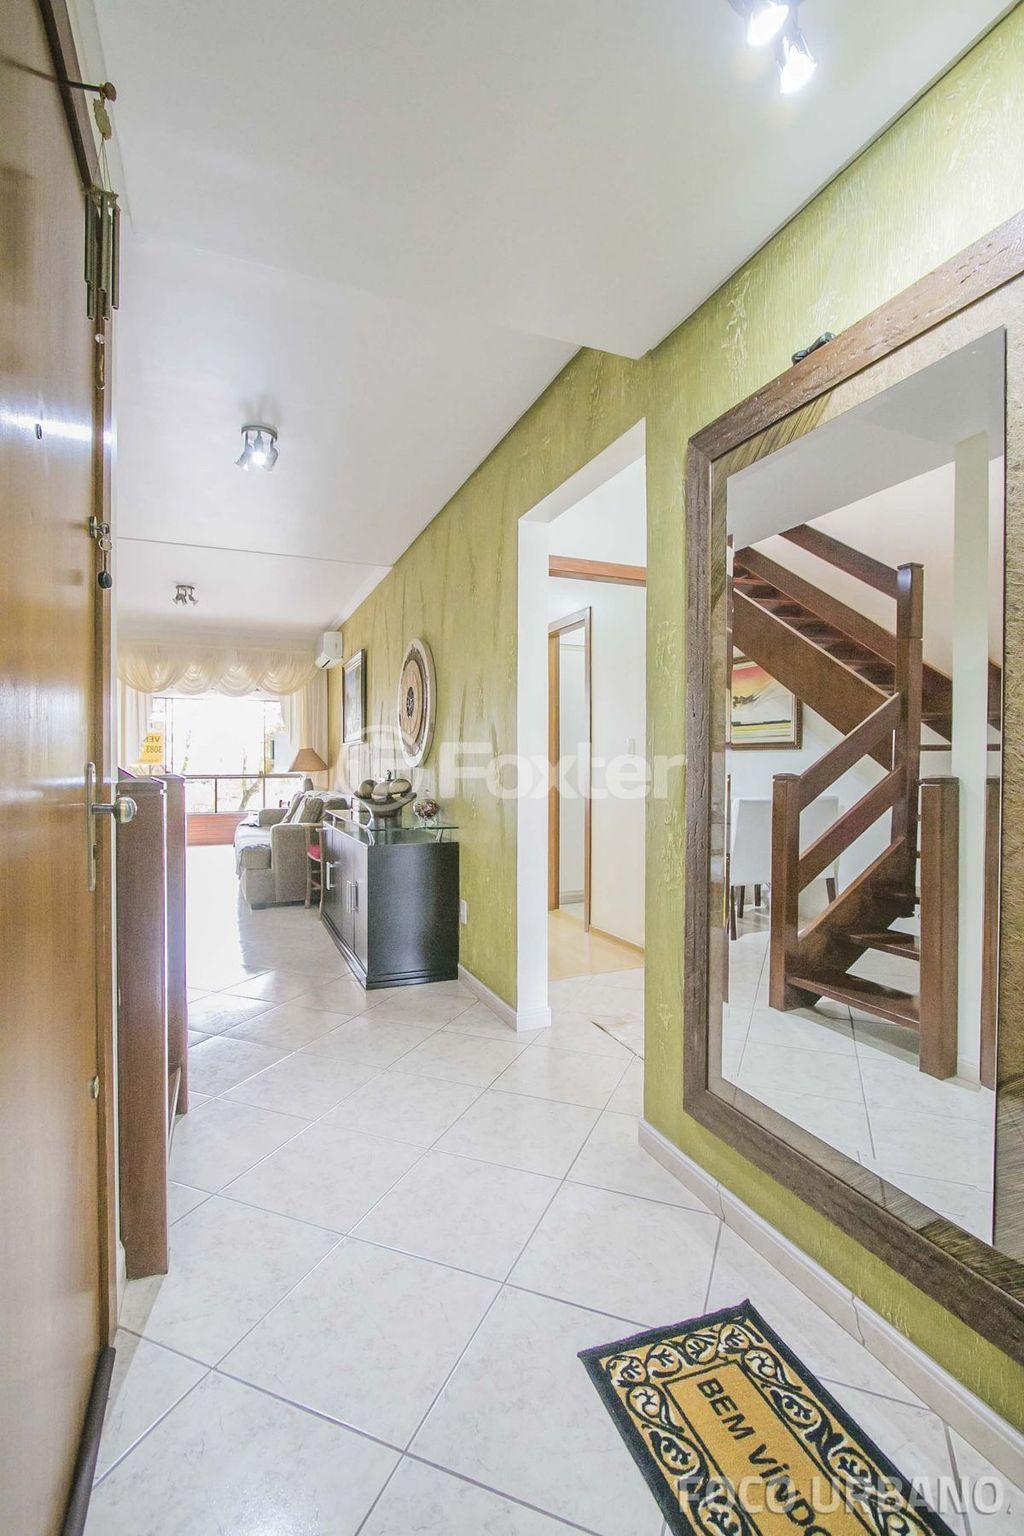 Foxter Imobiliária - Cobertura 4 Dorm (145795)